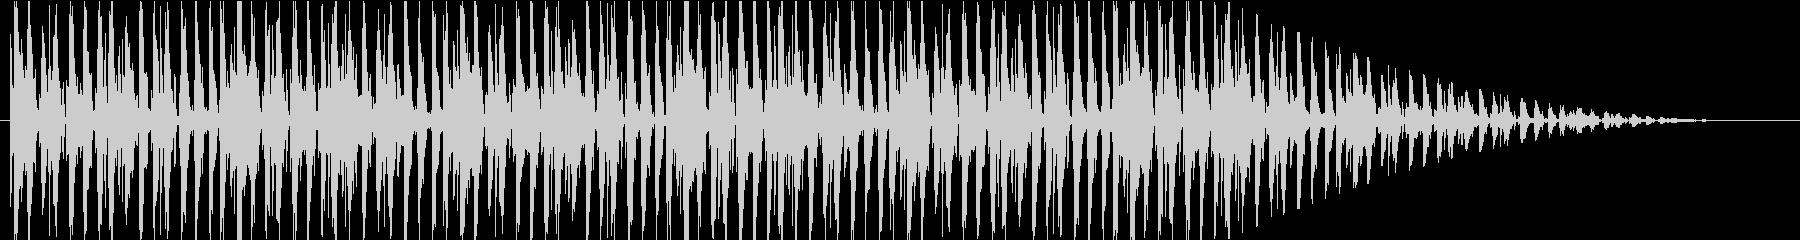 明るい jazz hopの未再生の波形